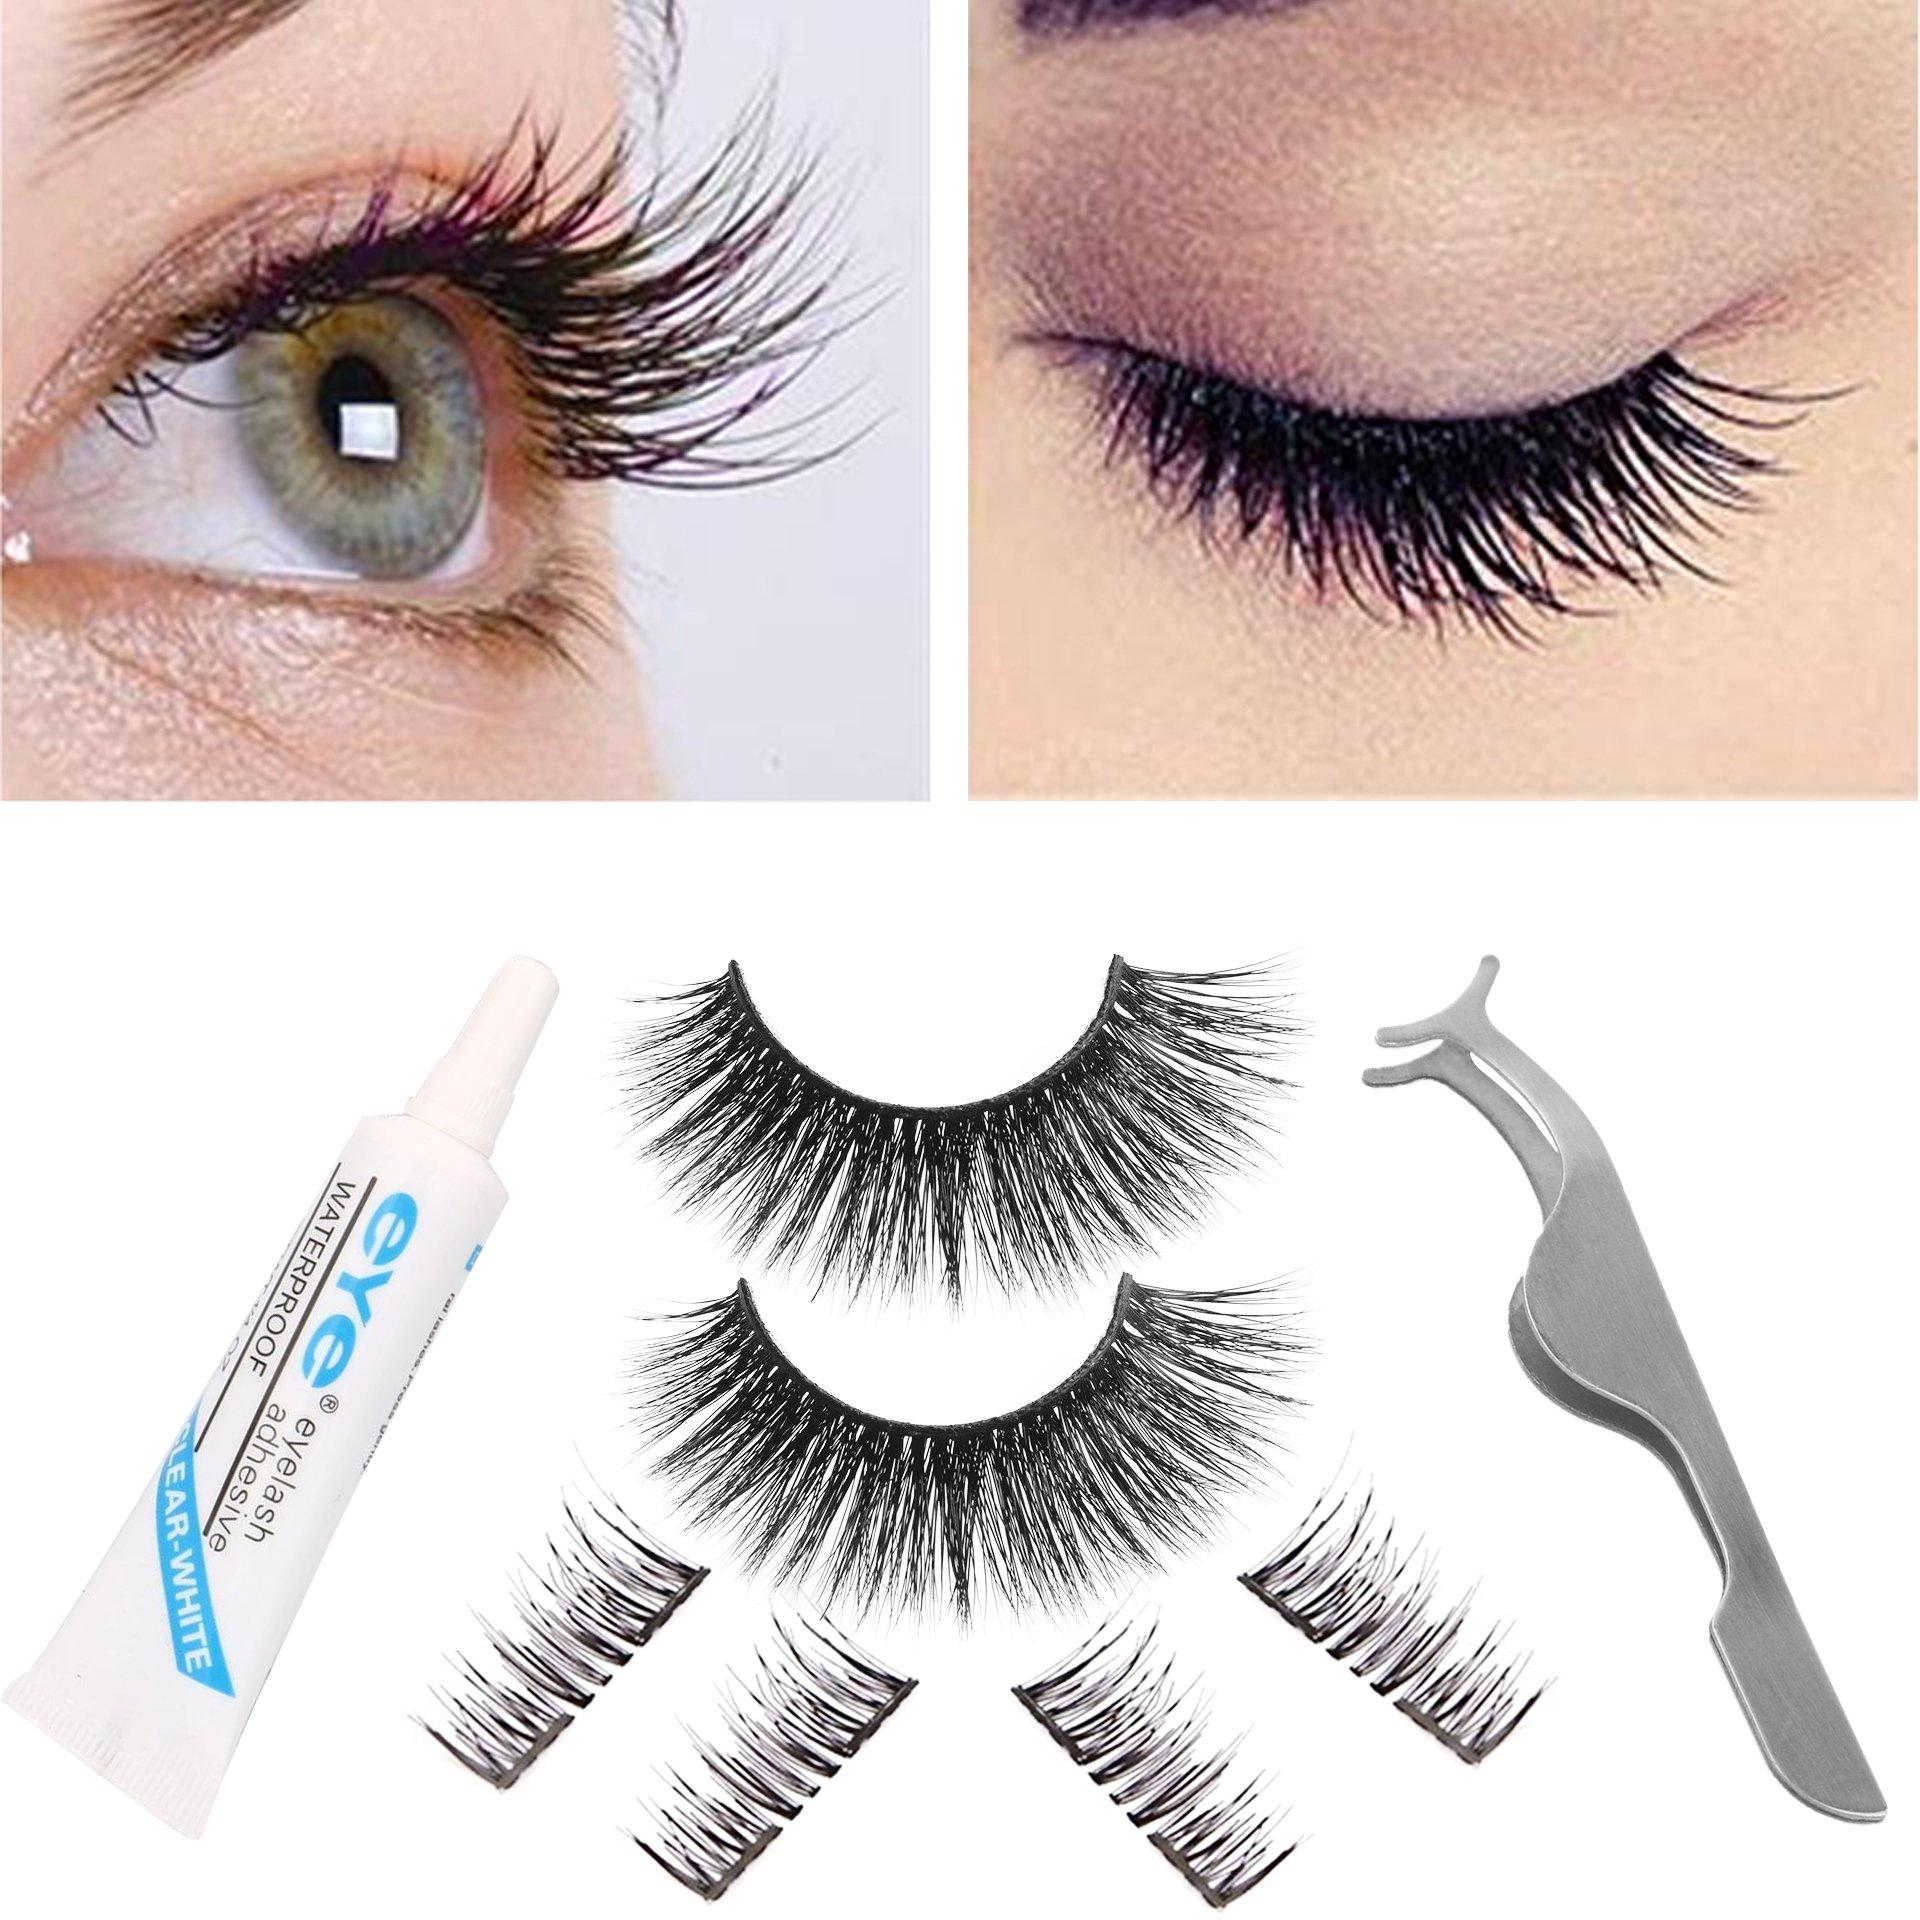 17e4b5325b9 Get Quotations · False Eyelashes Set, Reusable Magnetic Eyelashes& Natural  Fiber Fake Eyelashes with Glue Set, Dual